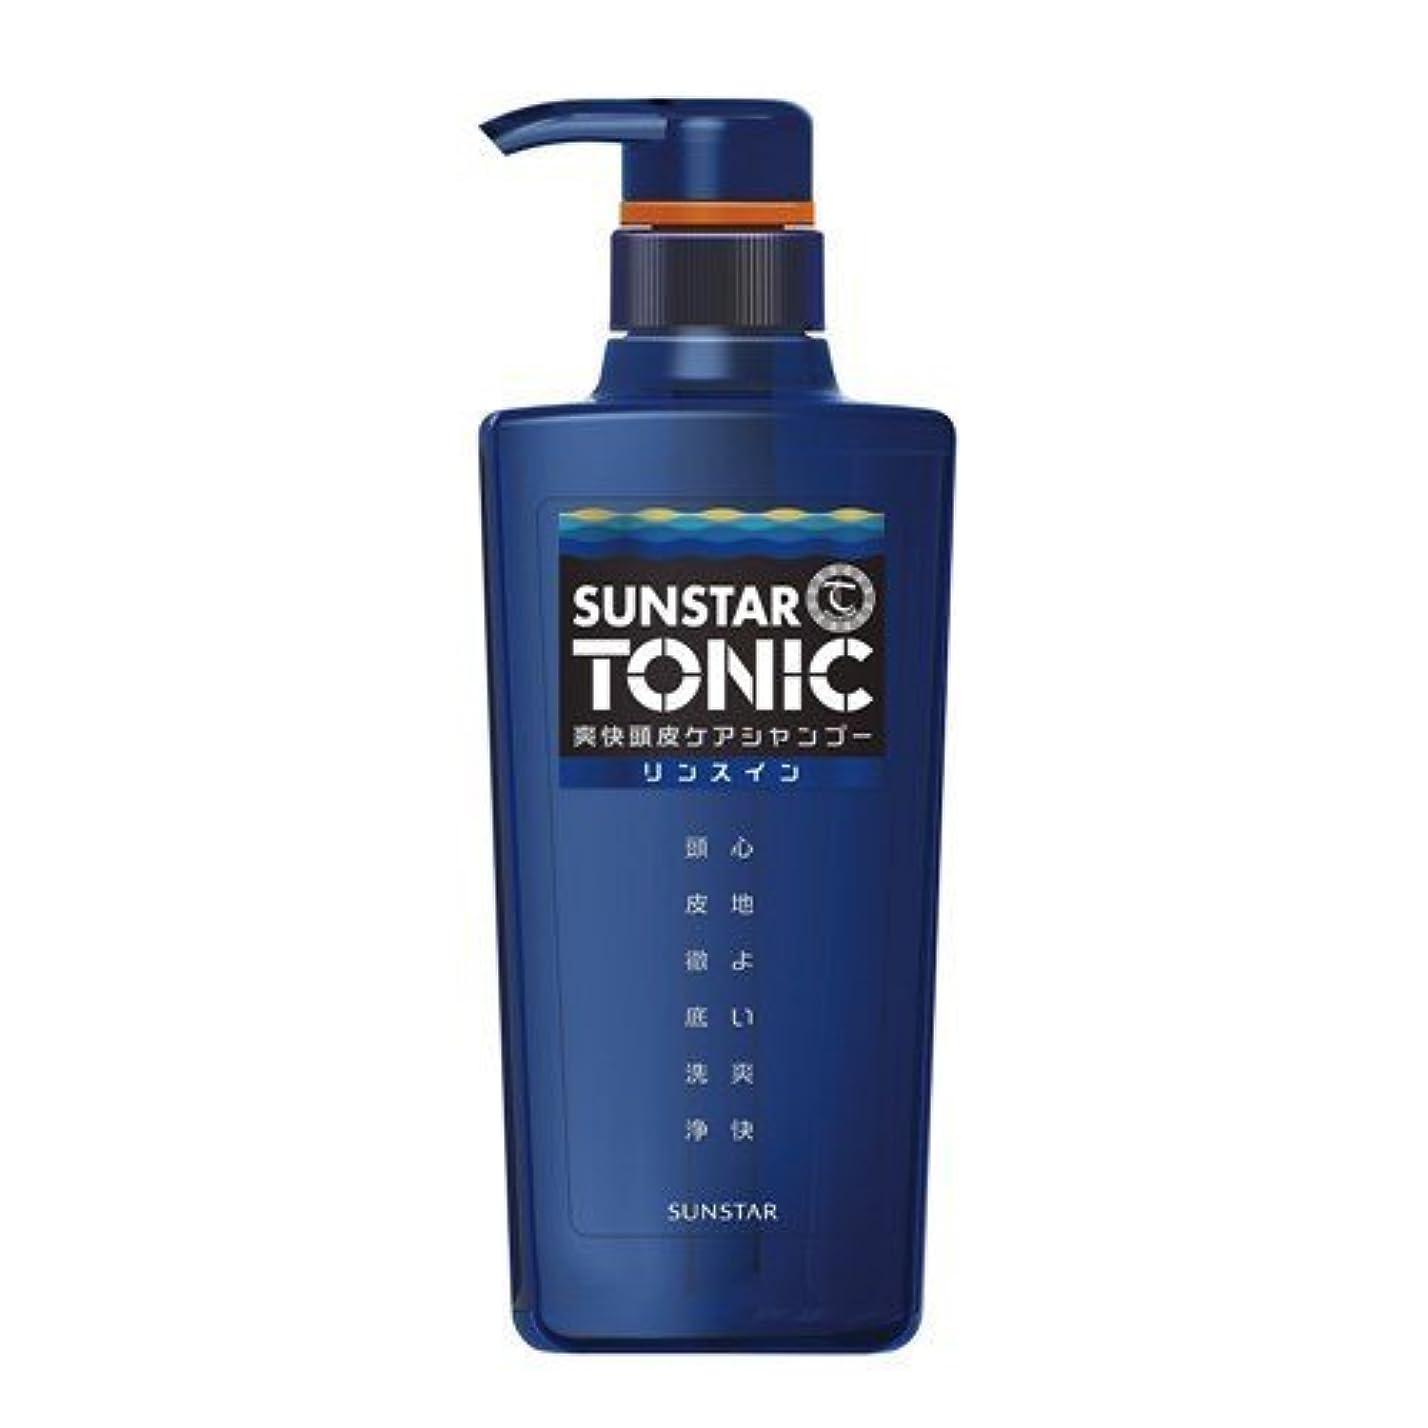 ヘロイン代わりの低下SUNSTAR TONIC(サンスタートニック) サンスター トニックシャンプー リンスイン 爽快頭皮ケア 460mL ノンシリコン処方 [シトラスハーブの香り] 詰替え用